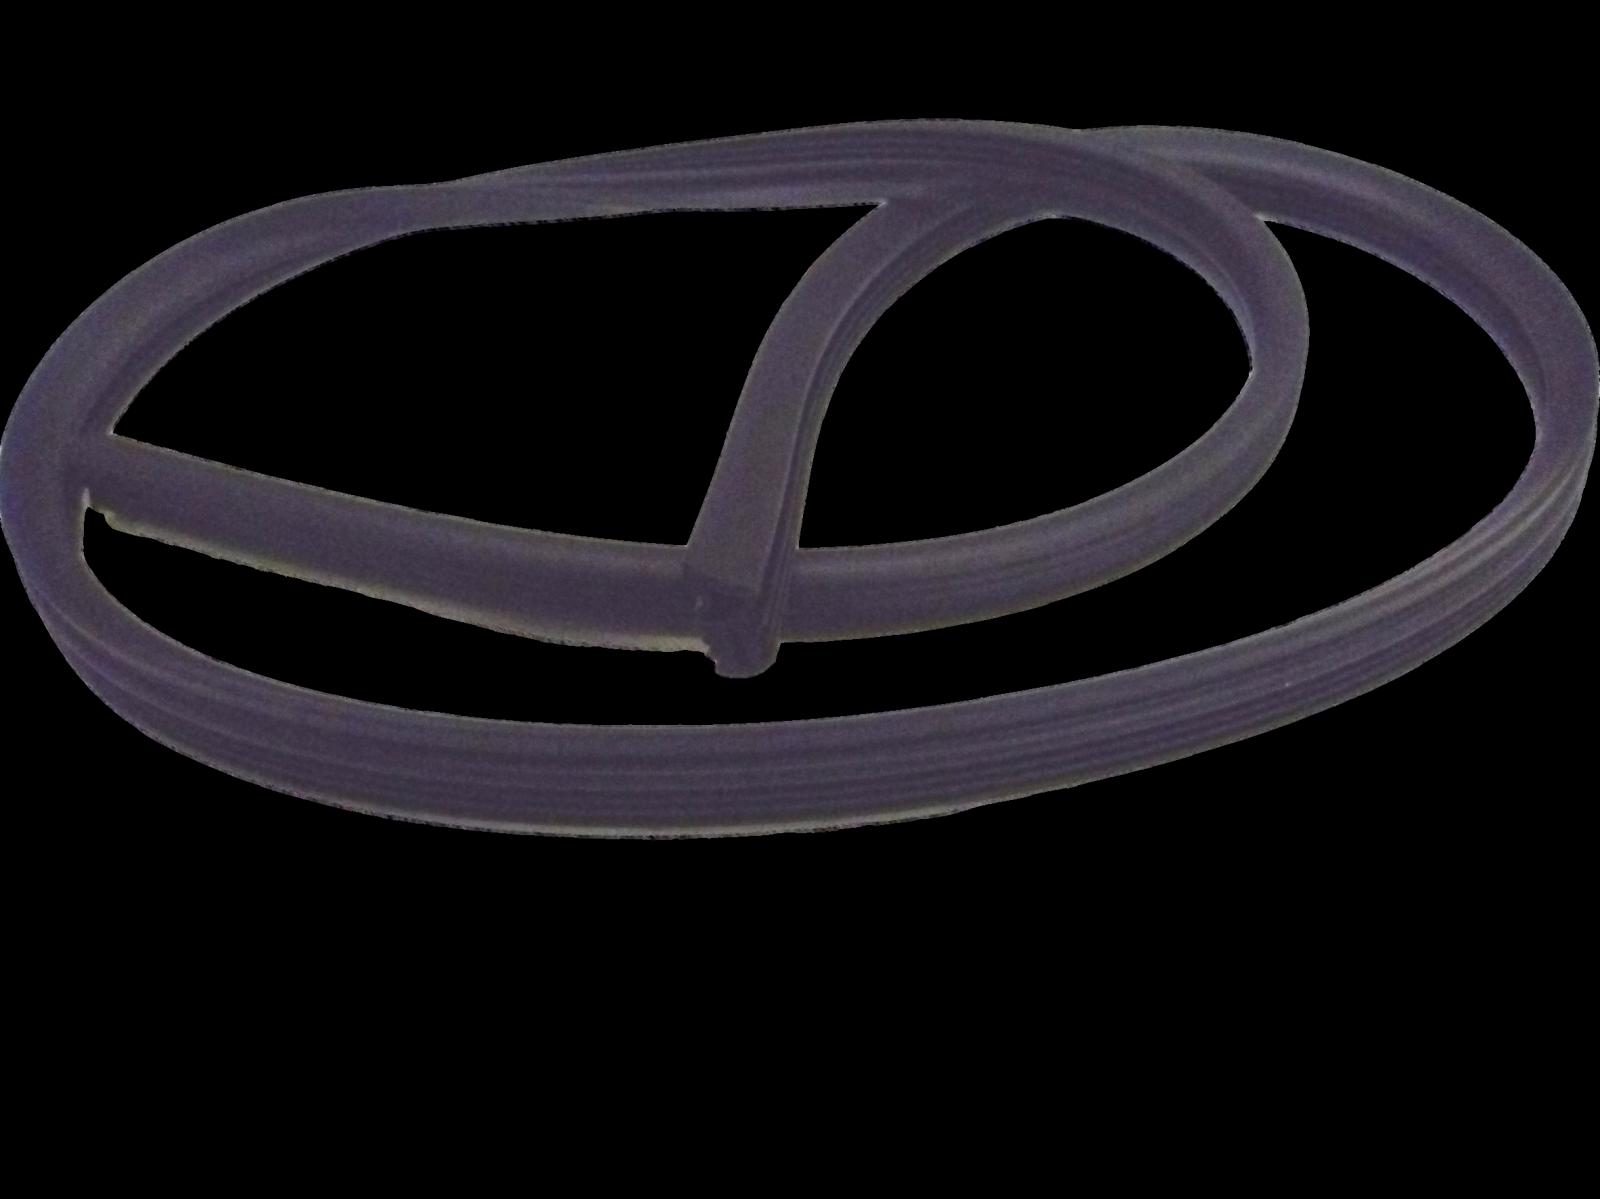 těsnění dveří obvodové pro myčky Candy Baumatic, Haier - 49017775